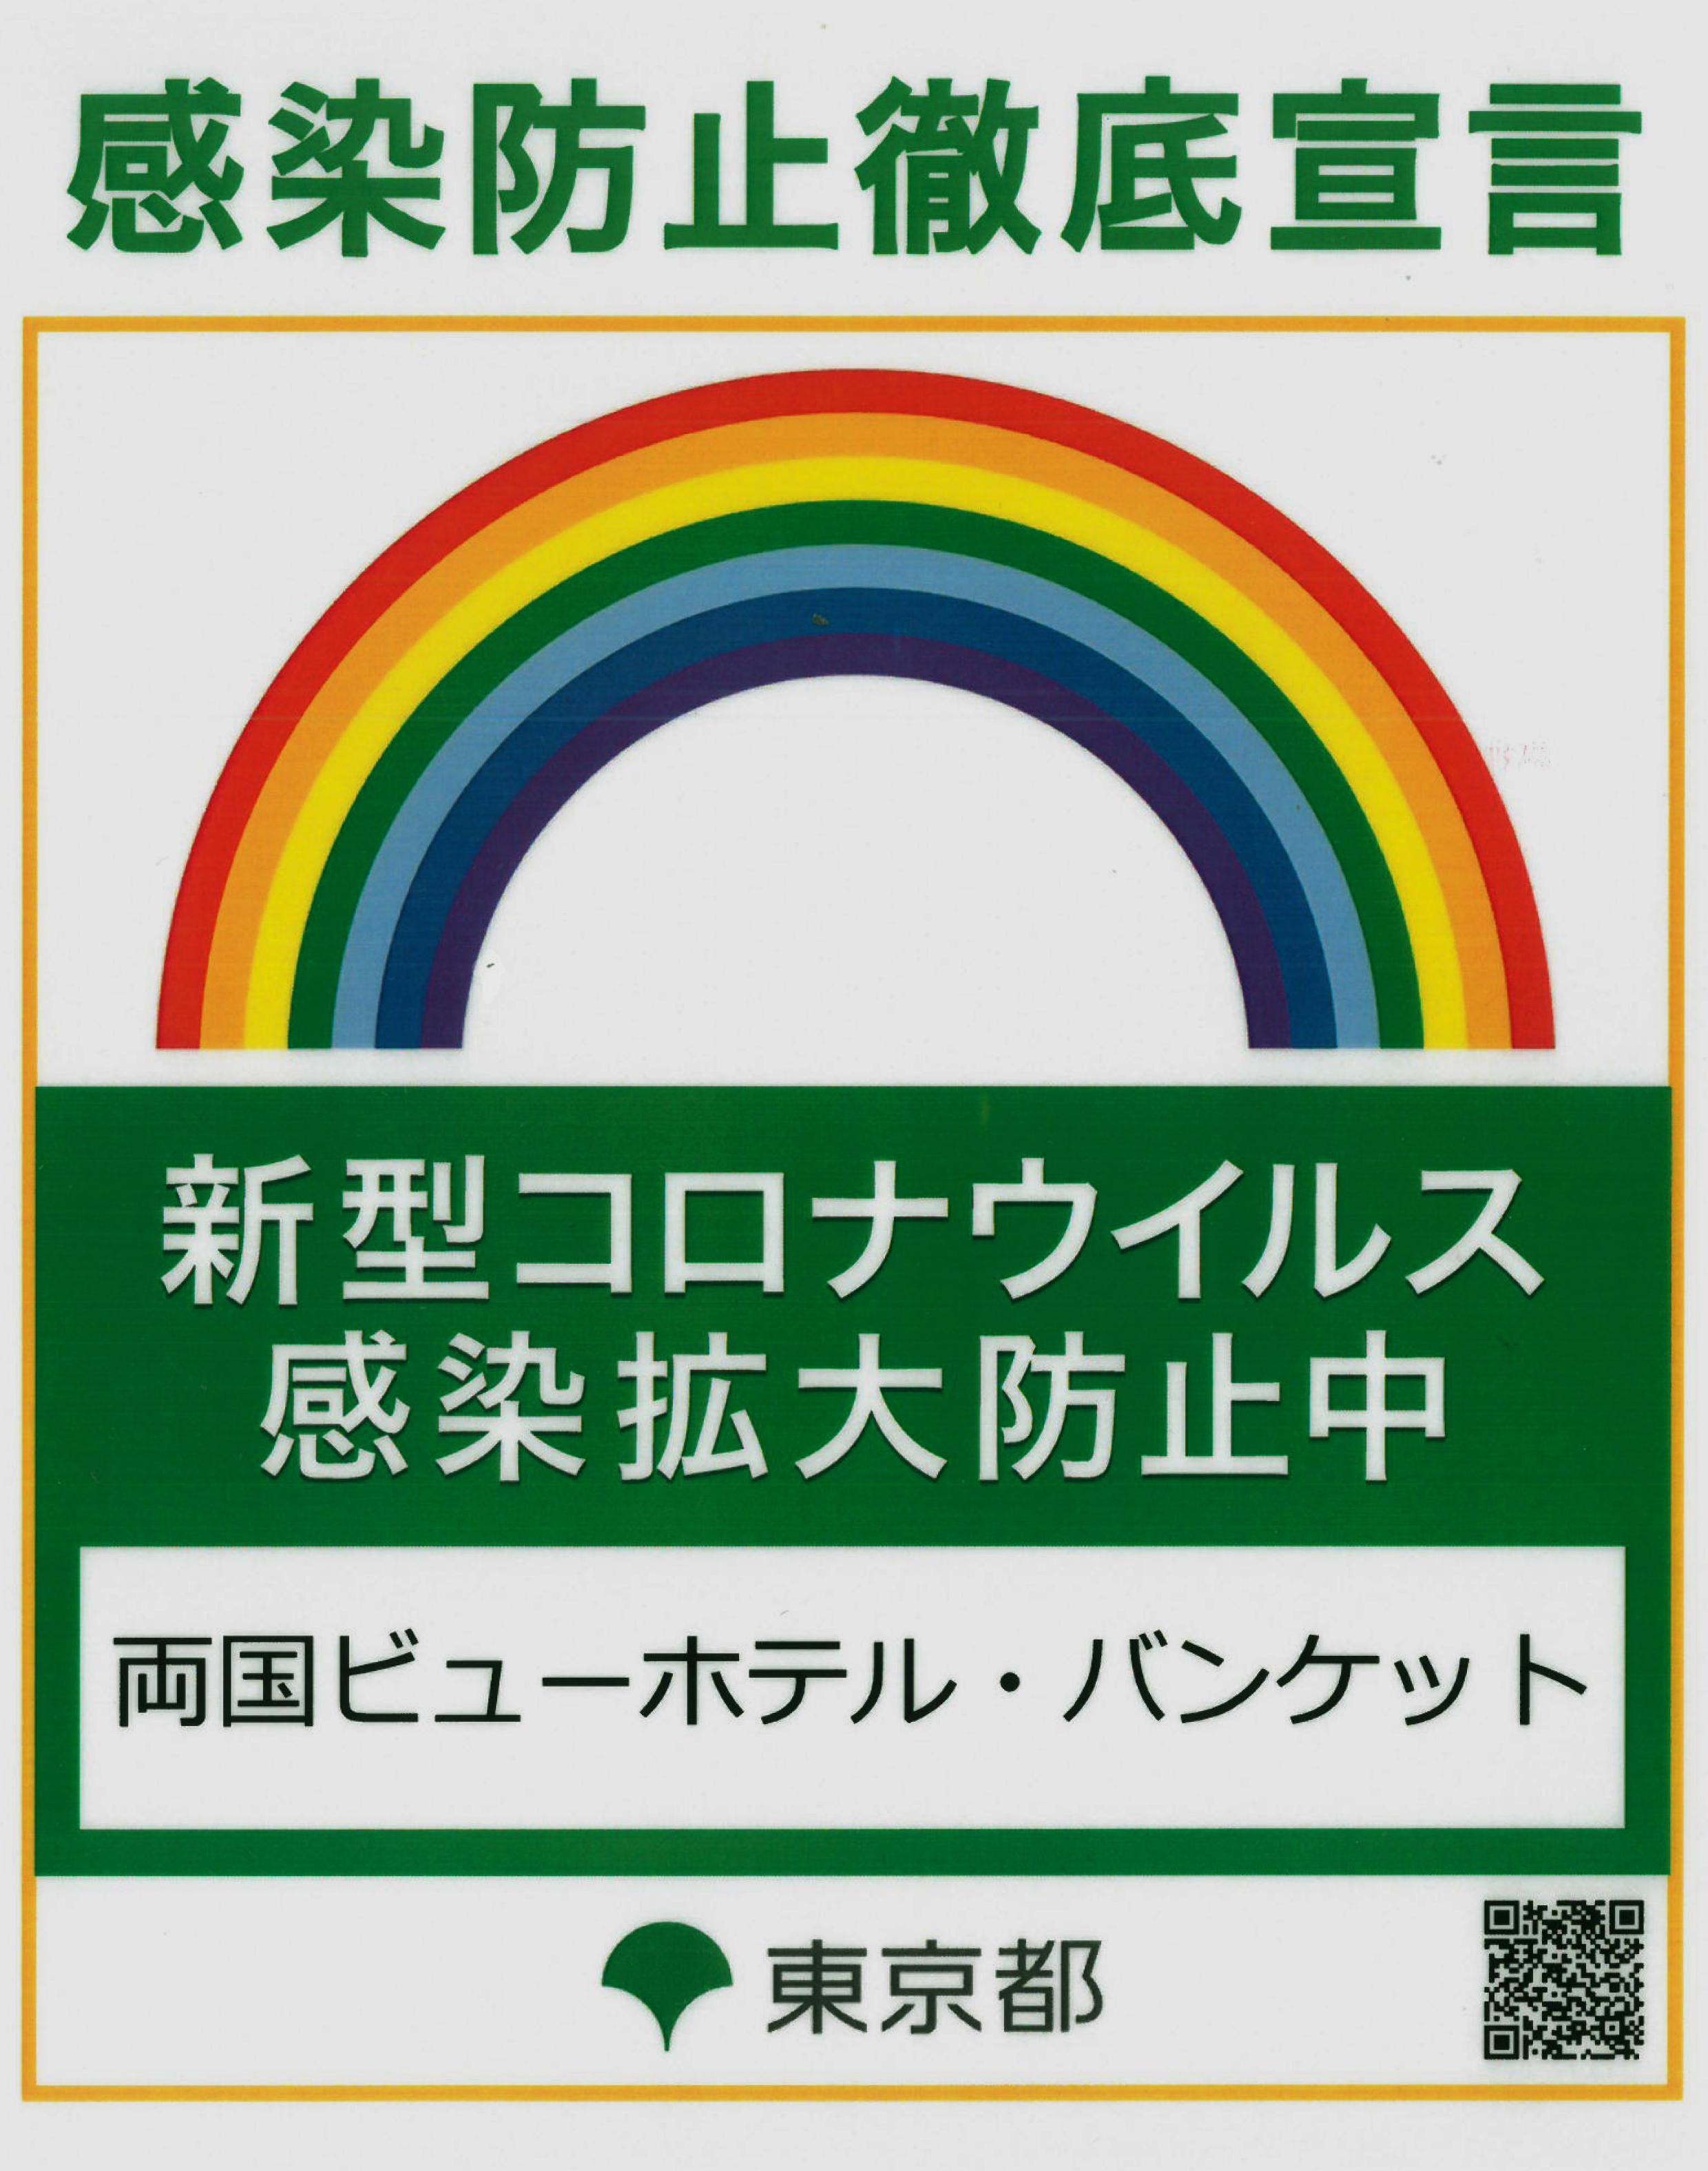 者 都 コロナ 東京 本日 の 感染